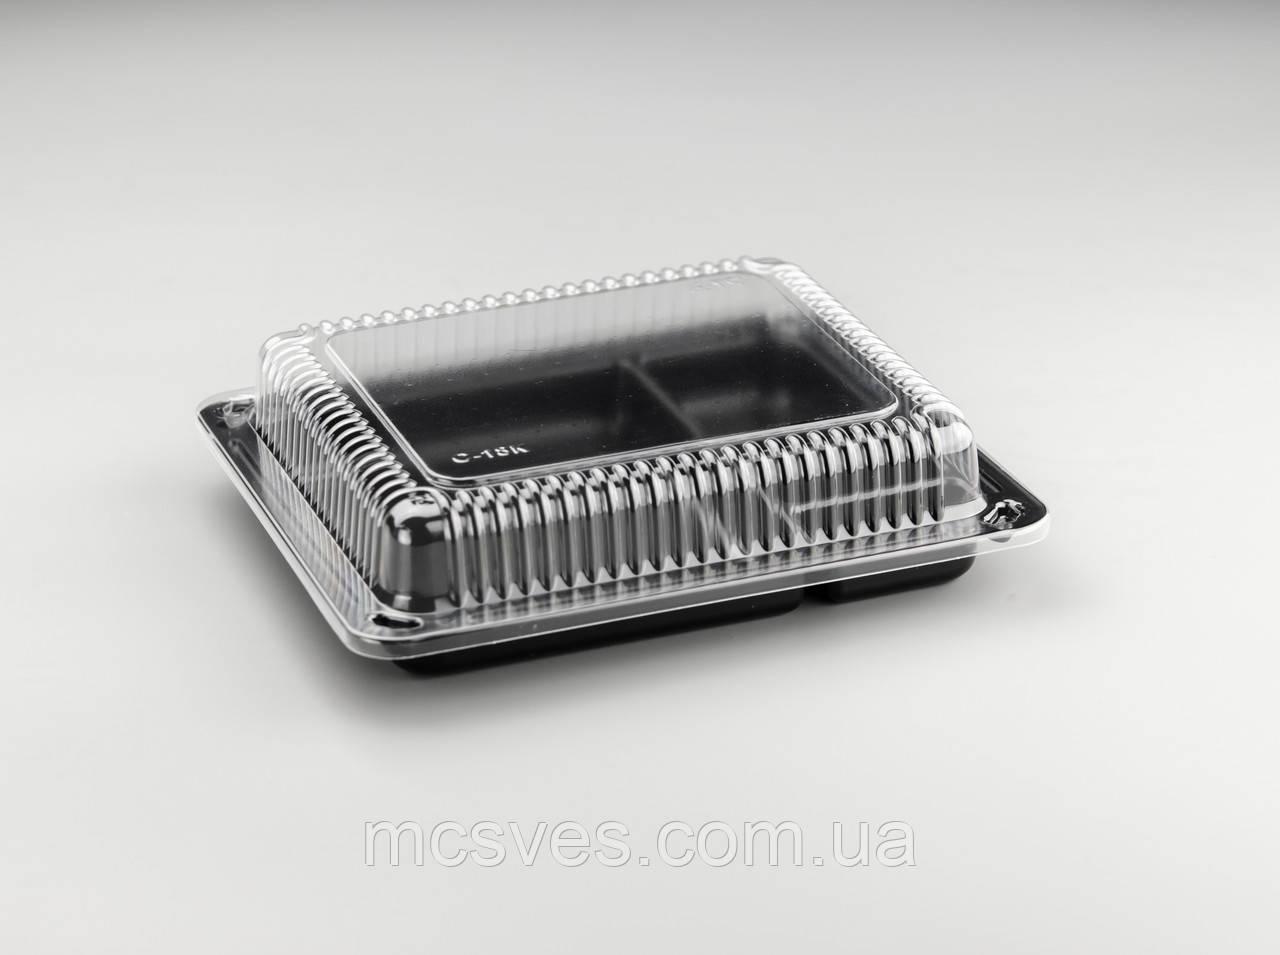 Пластиковая упаковка для суши и роллов С-18/4, 600 шт/уп